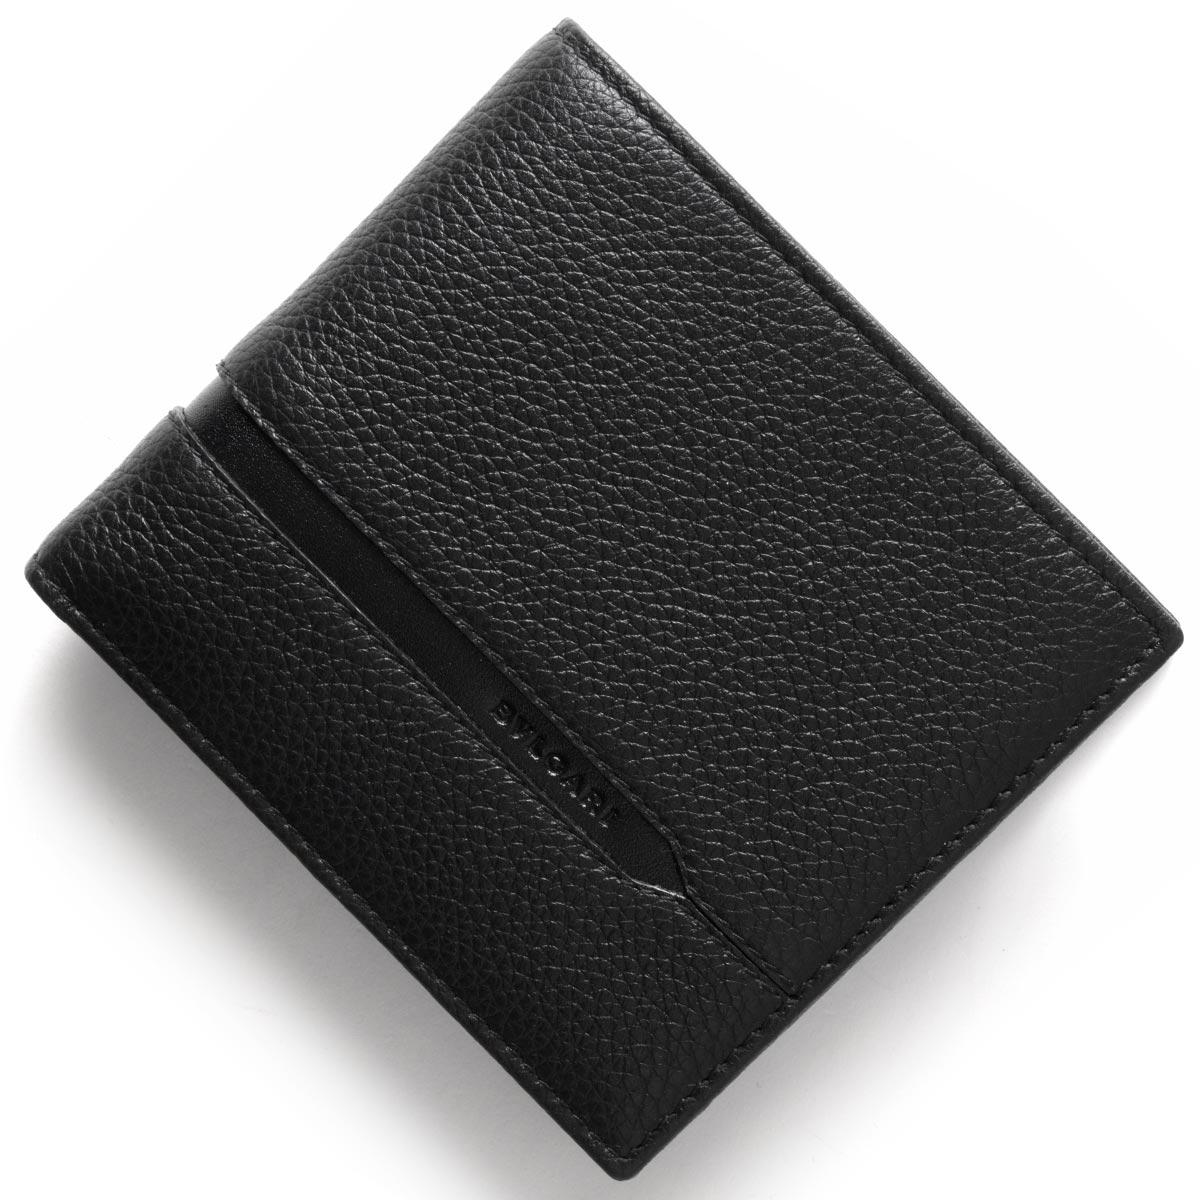 ブルガリ 二つ折り財布 財布 メンズ オクト OCTO ブラック 36964 BVLGARI